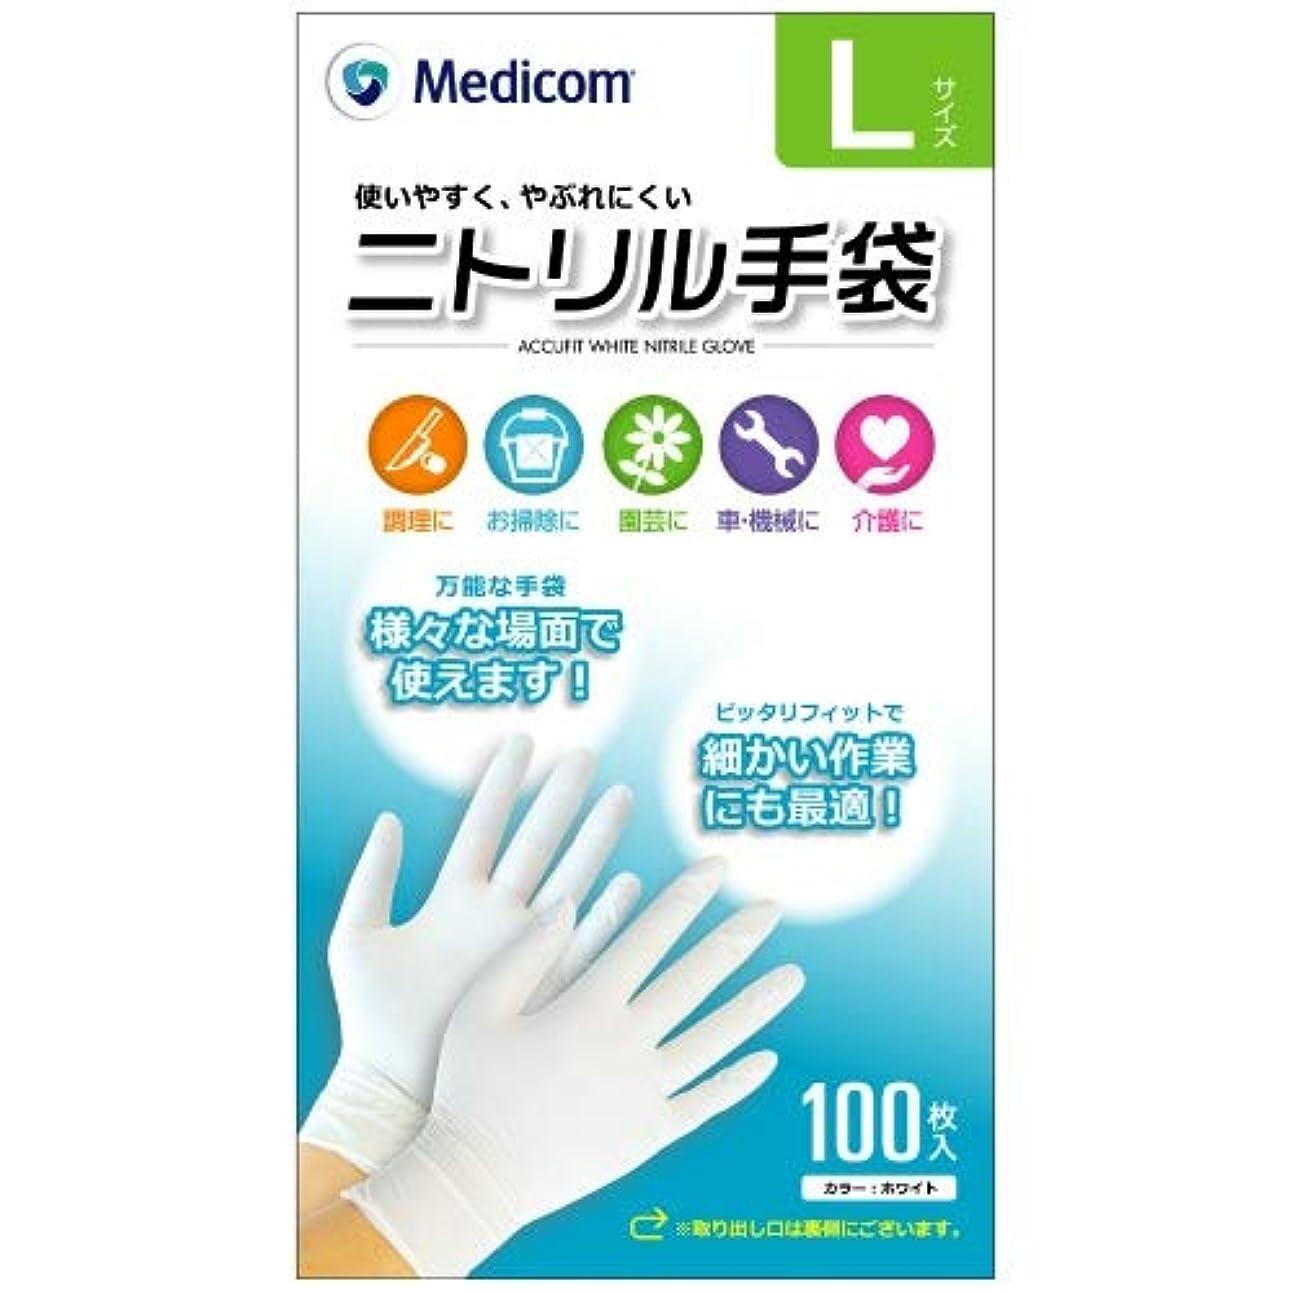 反抗調べる歴史的ARメディコム Medicom ニトリル 手袋 Lサイズ 100枚入